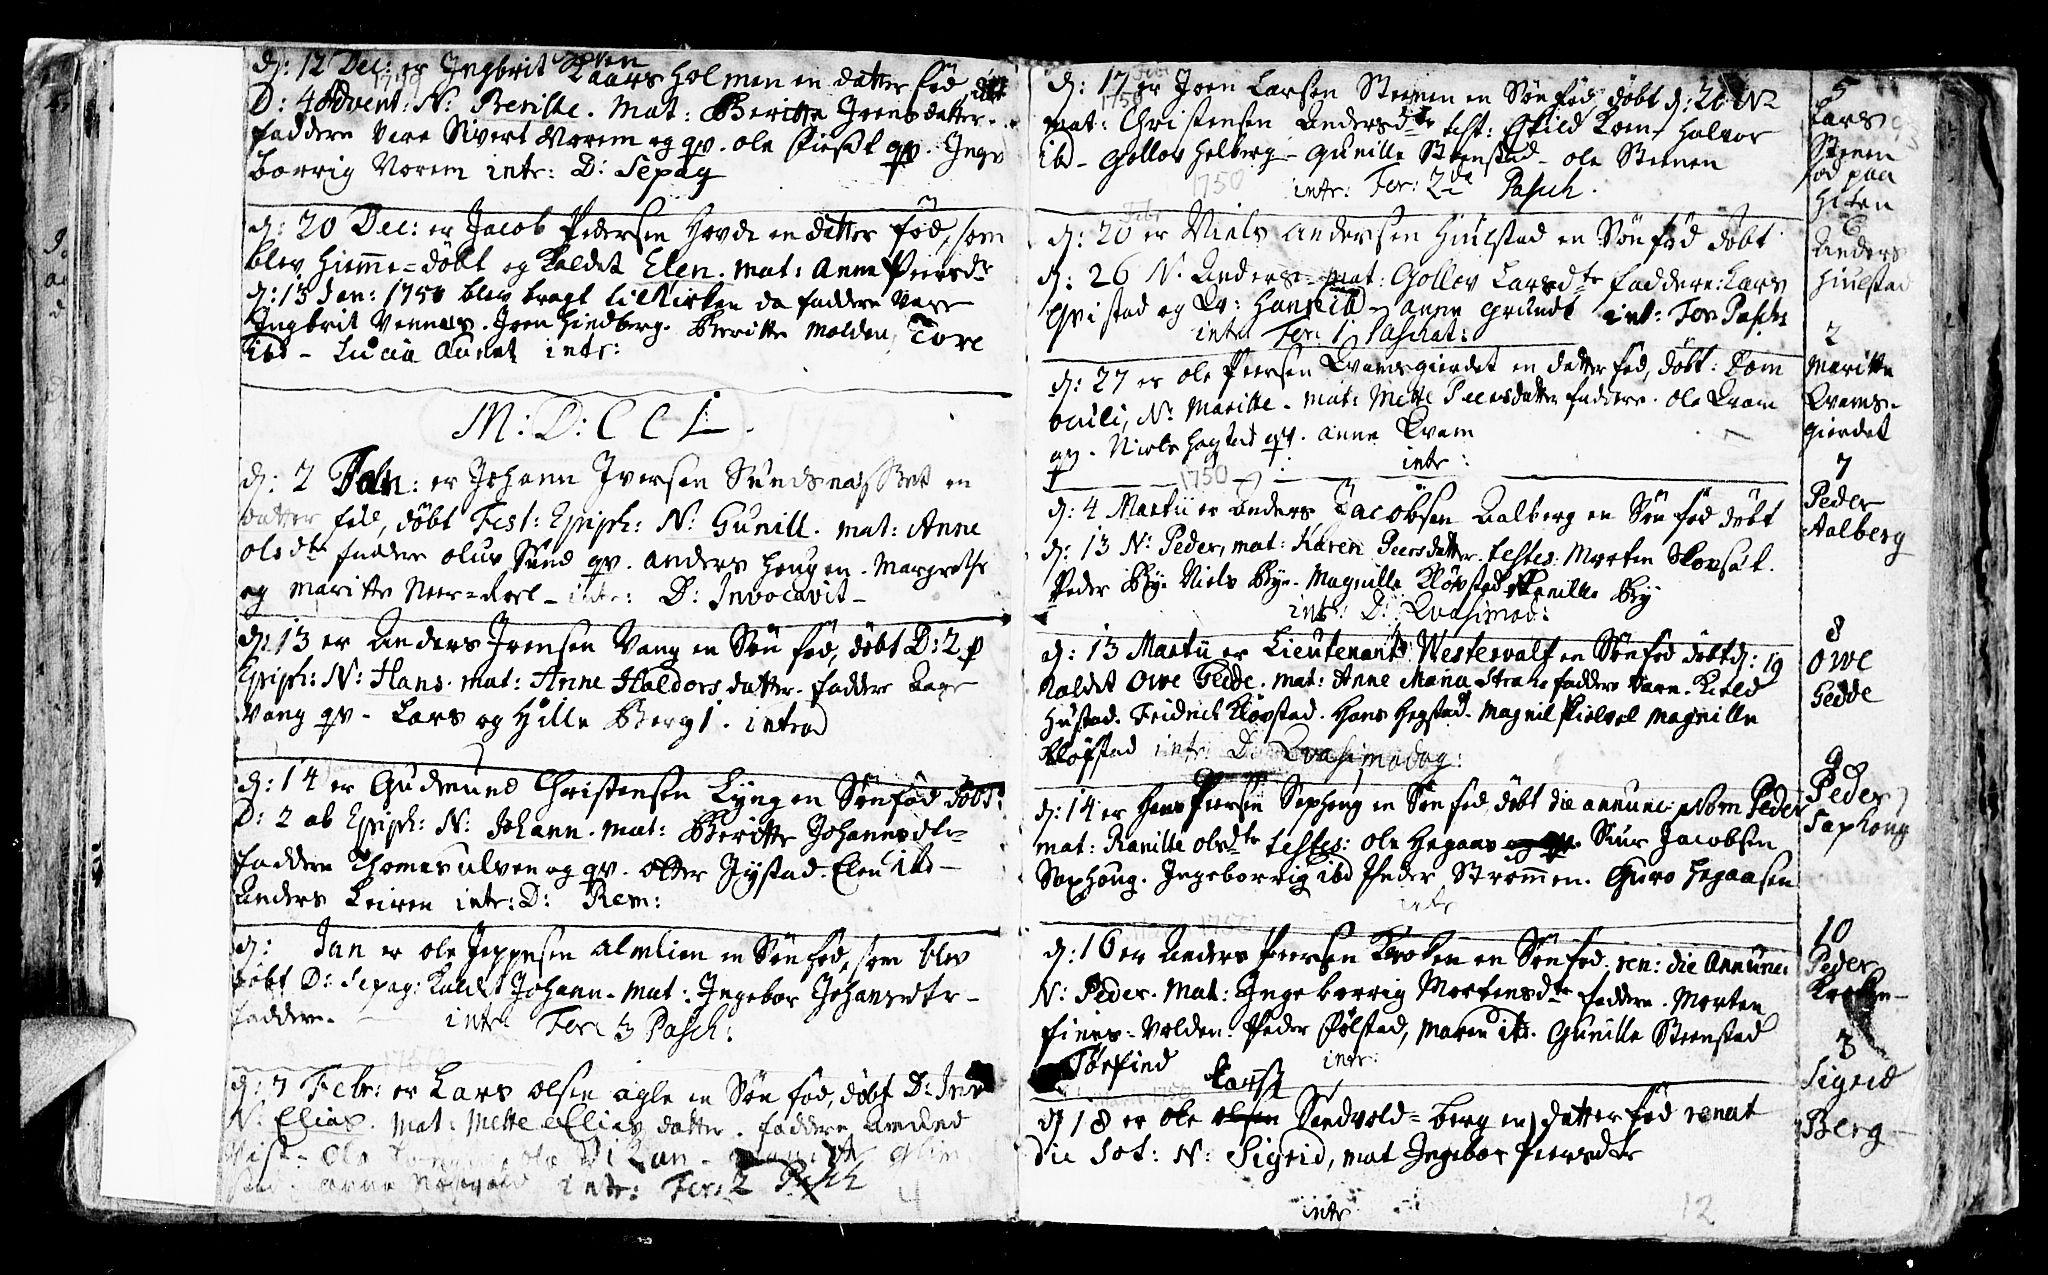 SAT, Ministerialprotokoller, klokkerbøker og fødselsregistre - Nord-Trøndelag, 730/L0272: Ministerialbok nr. 730A01, 1733-1764, s. 93